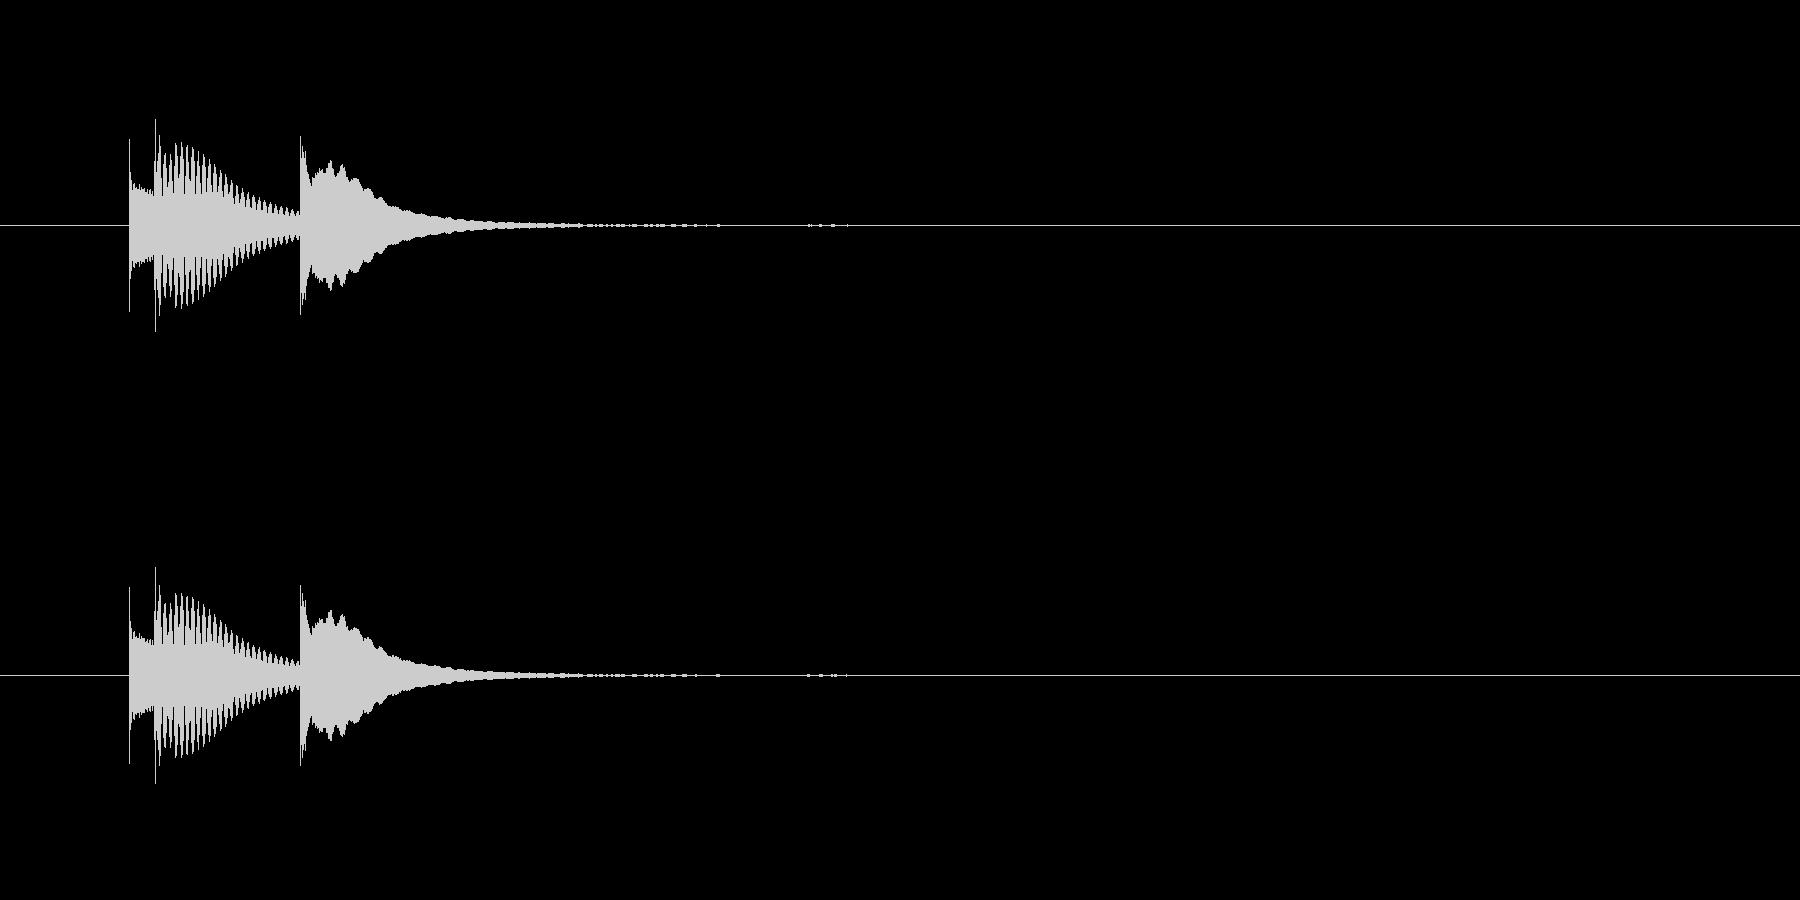 選択音 ピロン (マリンバ)の未再生の波形